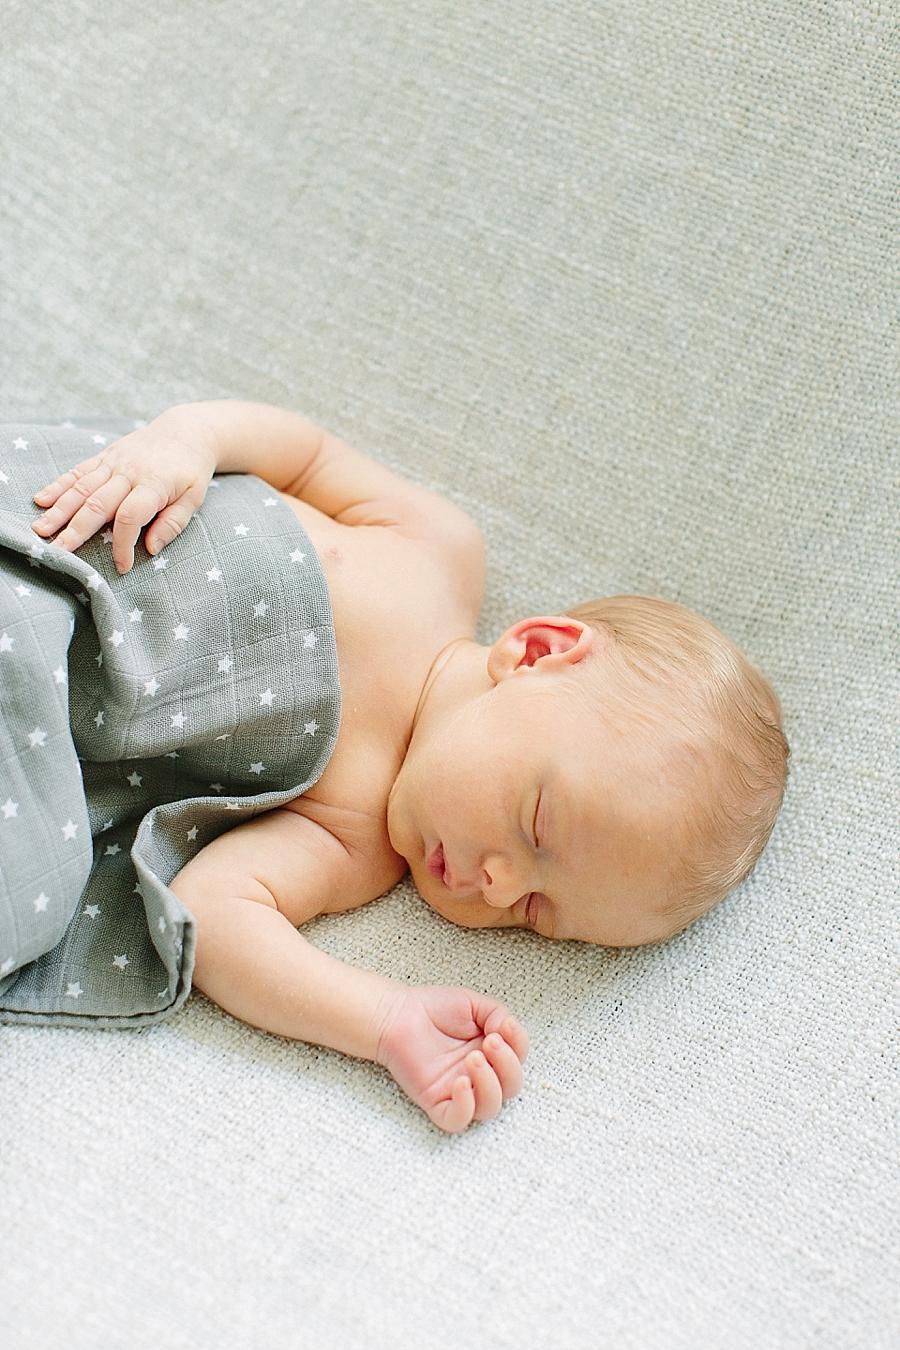 newborn, neugeborenes, neugeborenenfotos, neugeborenenbilder, familienfotos, familienbilder, natuerlich, natürlich, ketsch, aline lange fotografie, on location, zu hause, hell, leicht, luftig, entspannt, 10 tage